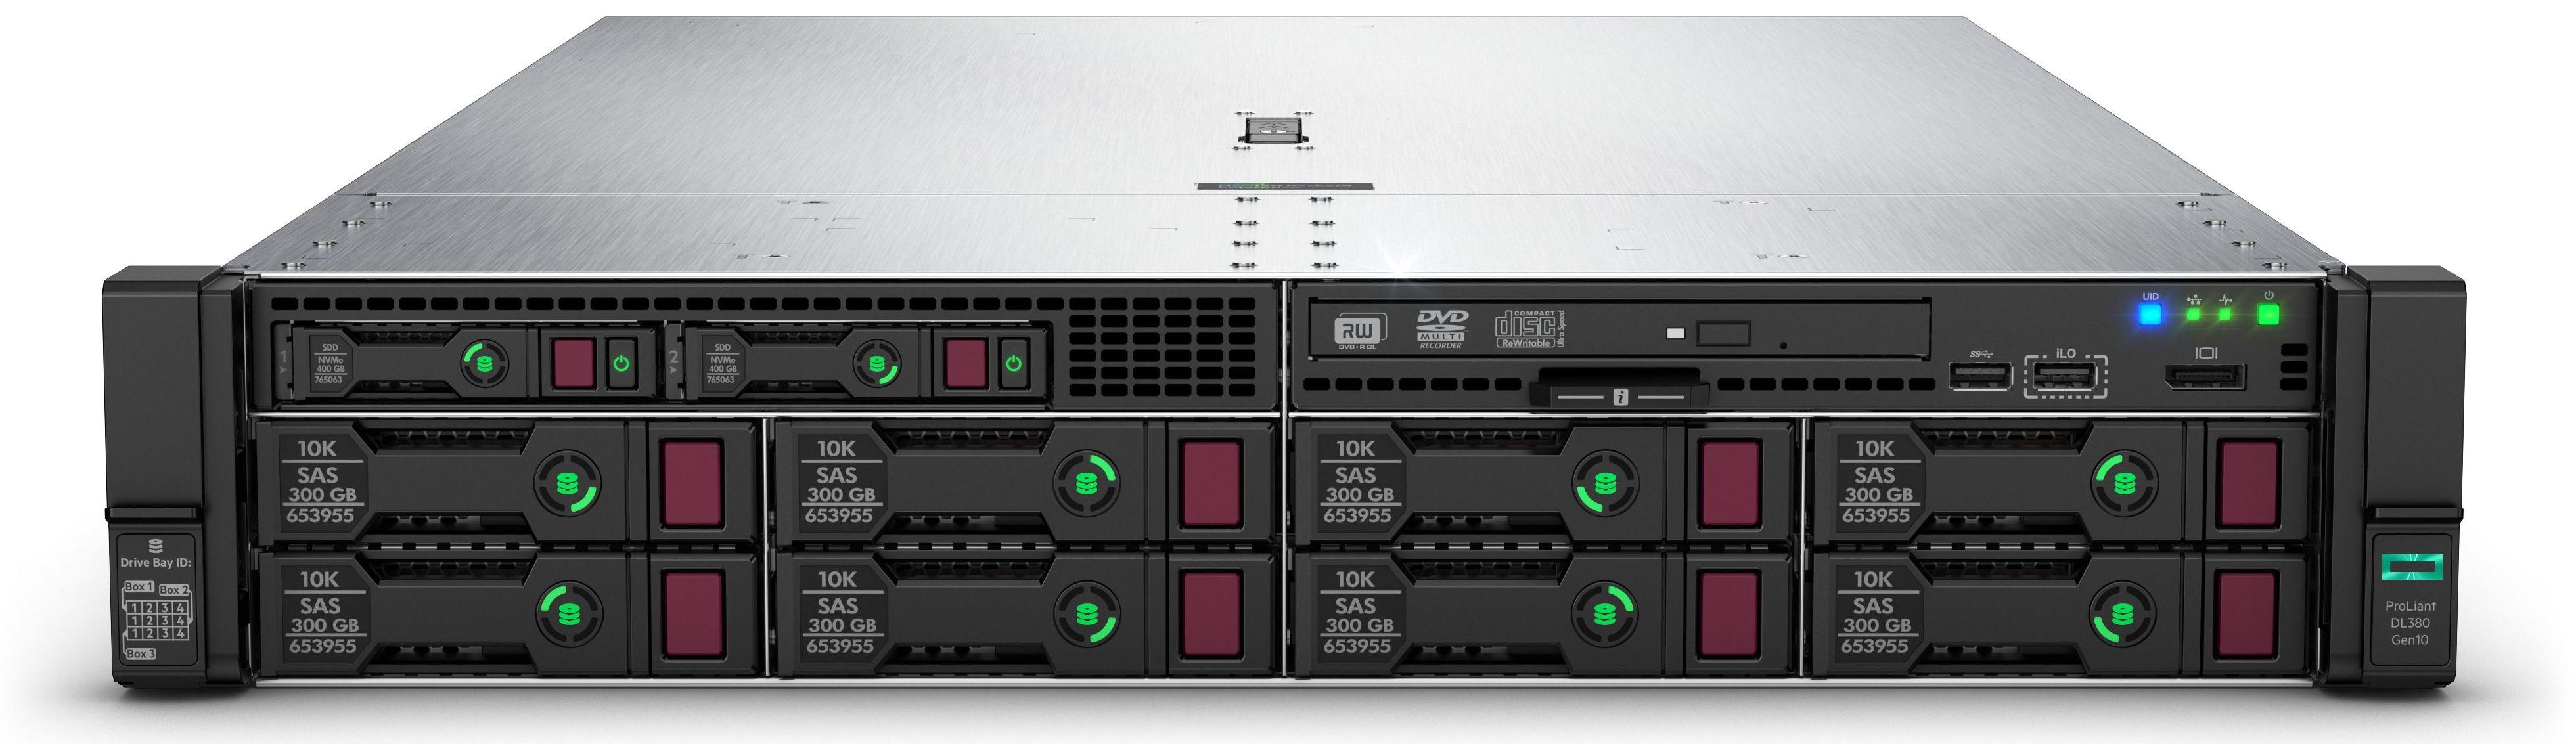 DL380 Gen10 8LFF